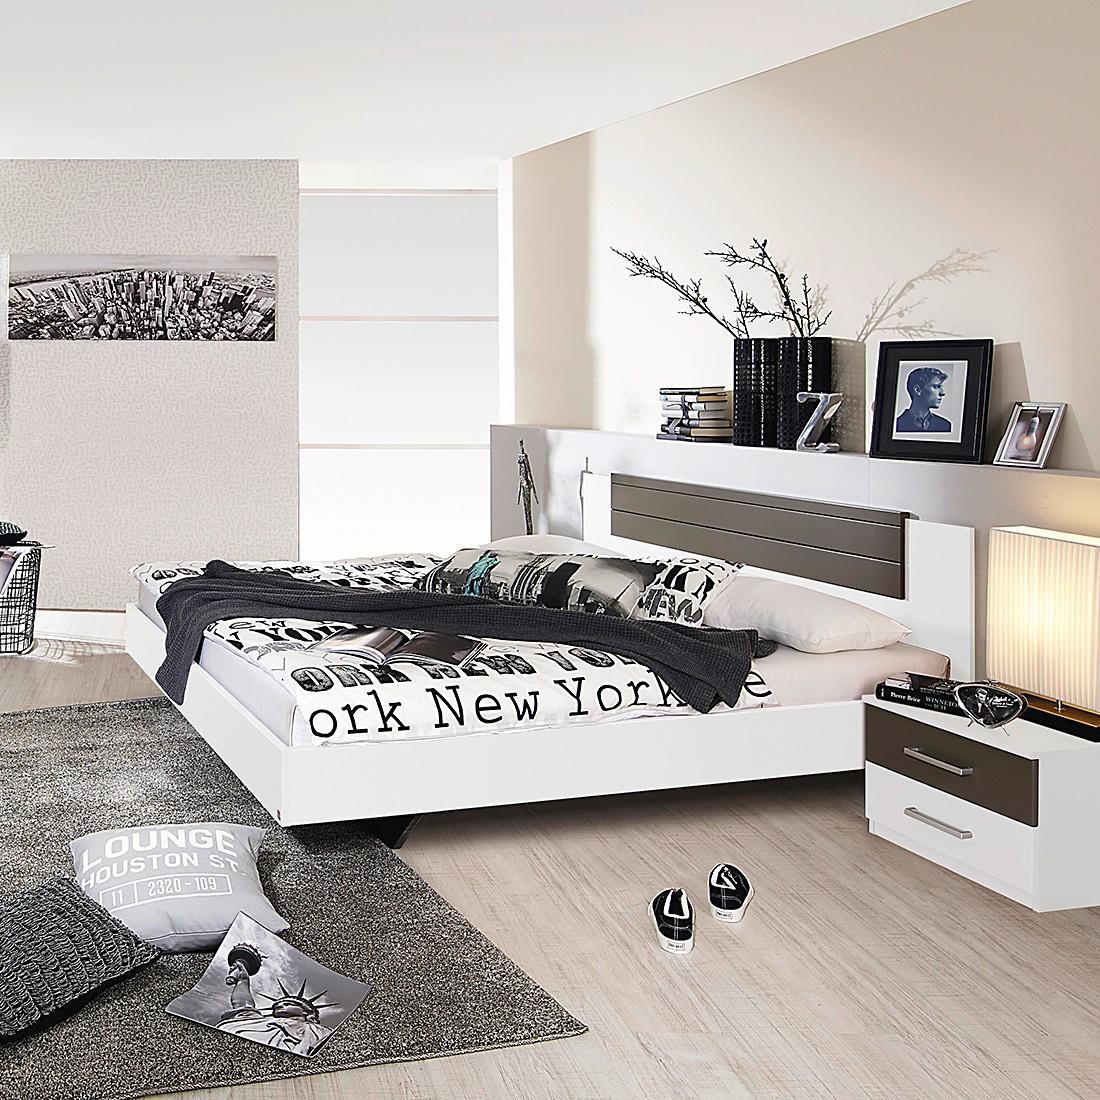 marque anonyme ensemble chambre a coucher lit prix et offres. Black Bedroom Furniture Sets. Home Design Ideas